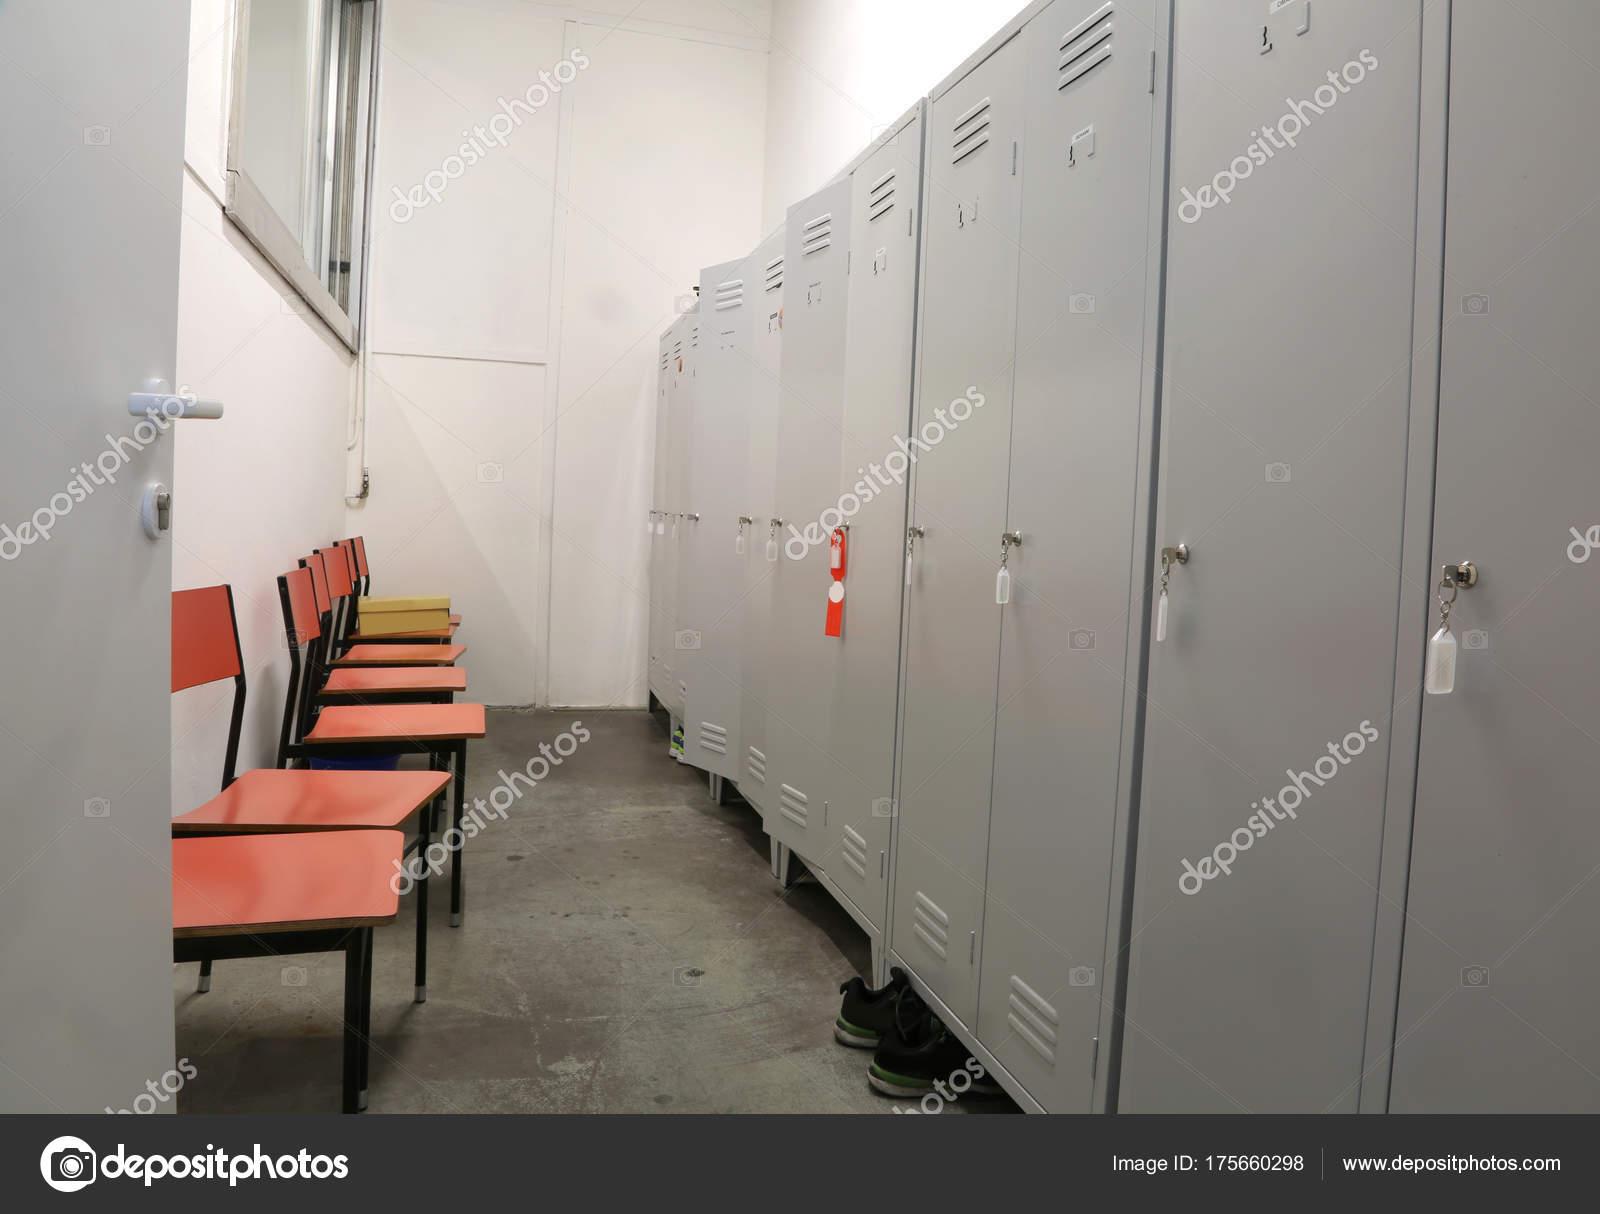 Sedie In Metallo E Plastica : Armadietti in metallo e alcune sedie di plastica in un camerino di